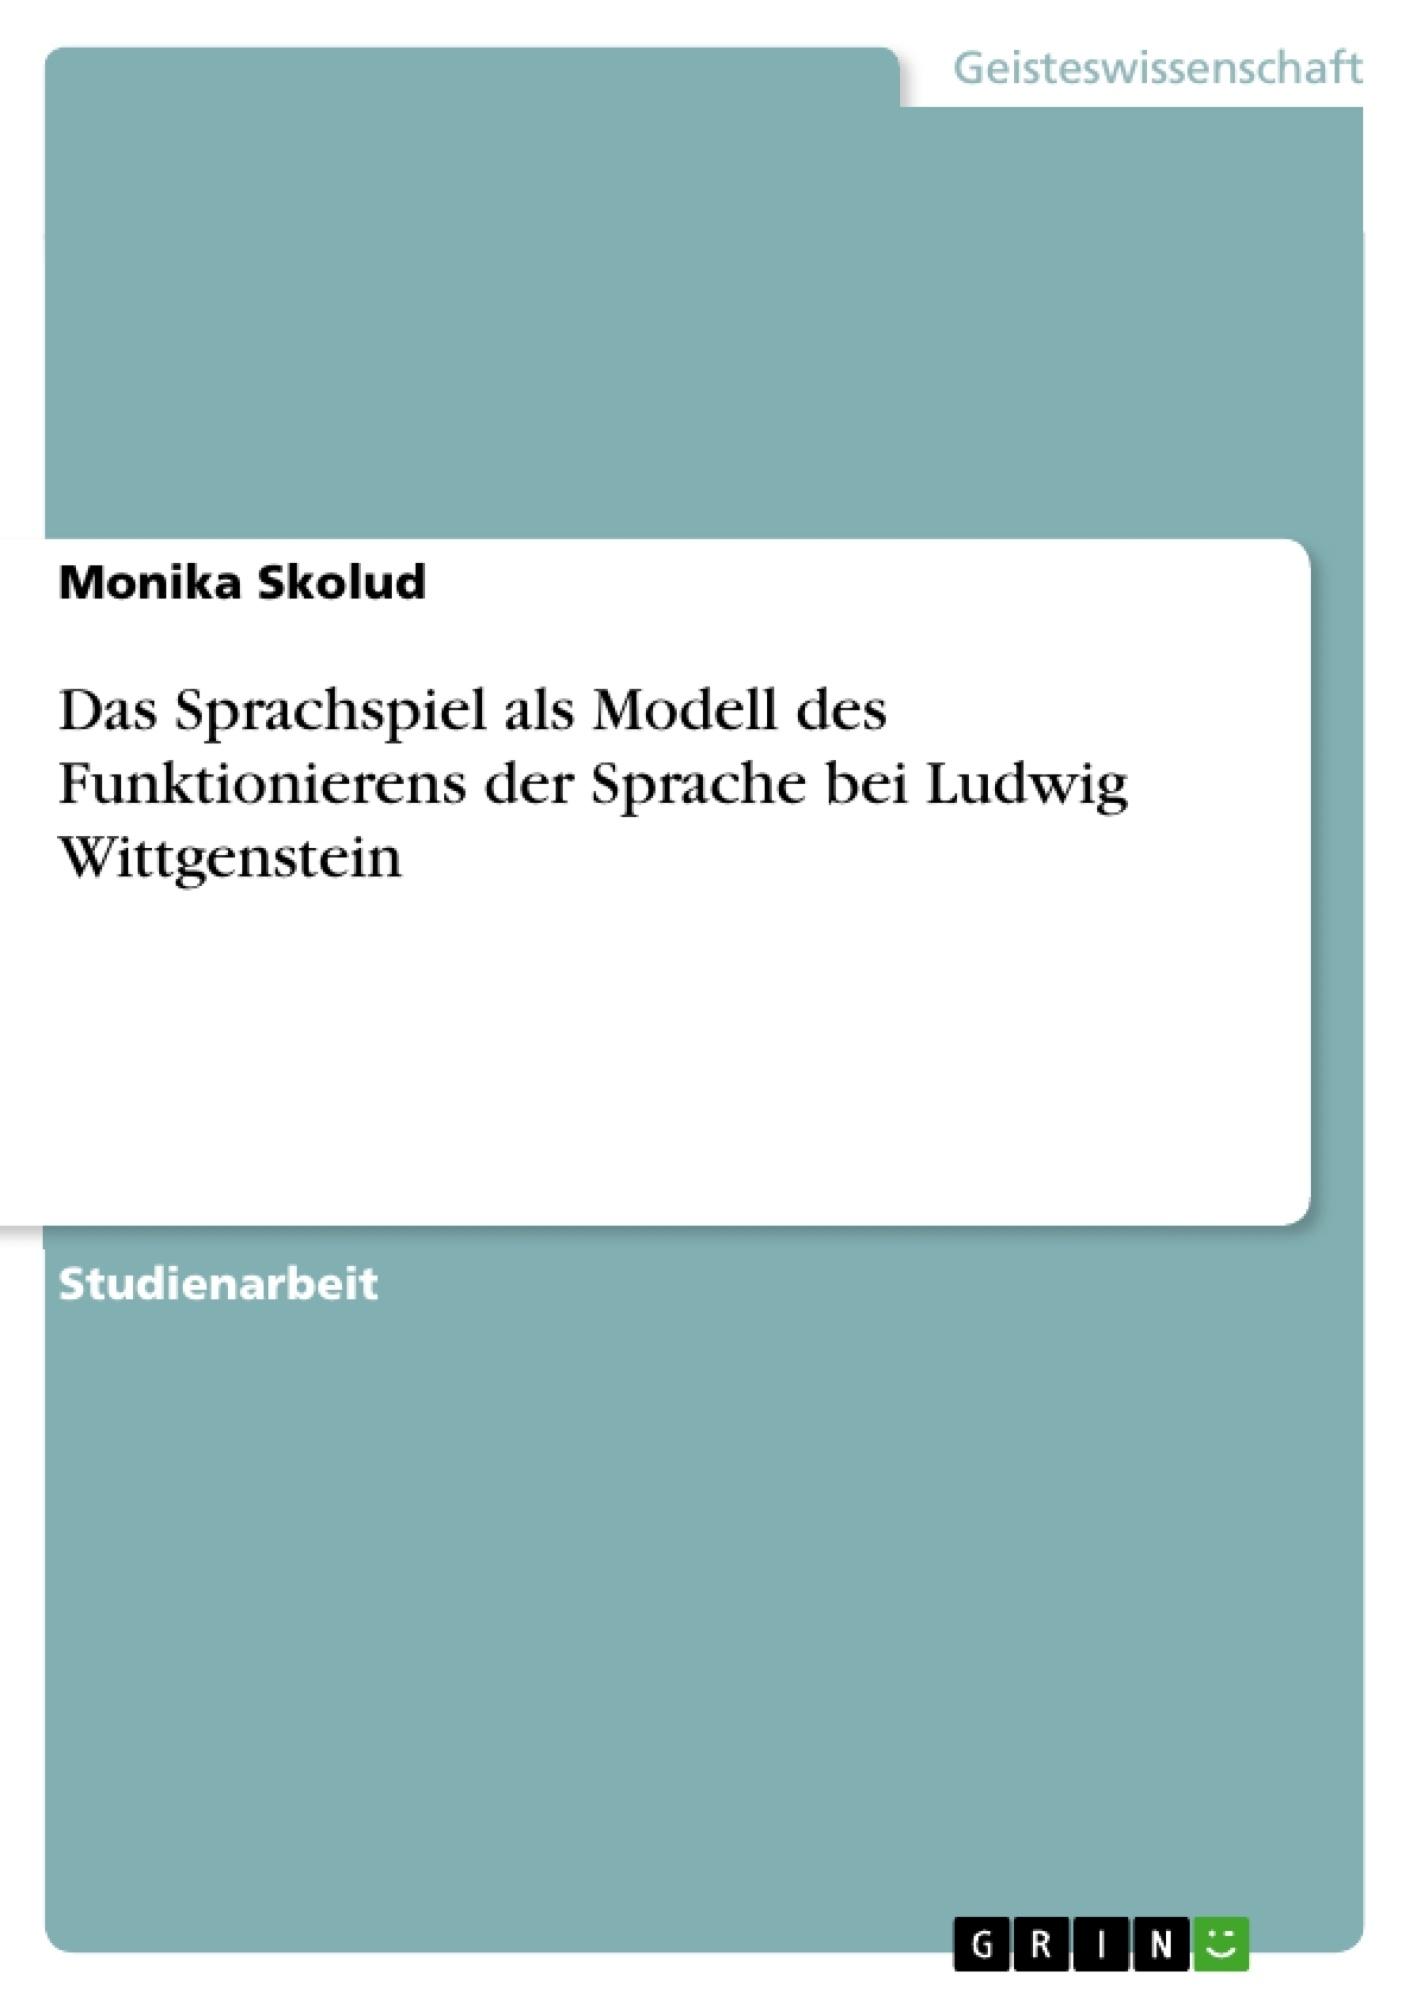 Titel: Das Sprachspiel als Modell des Funktionierens der Sprache bei Ludwig Wittgenstein